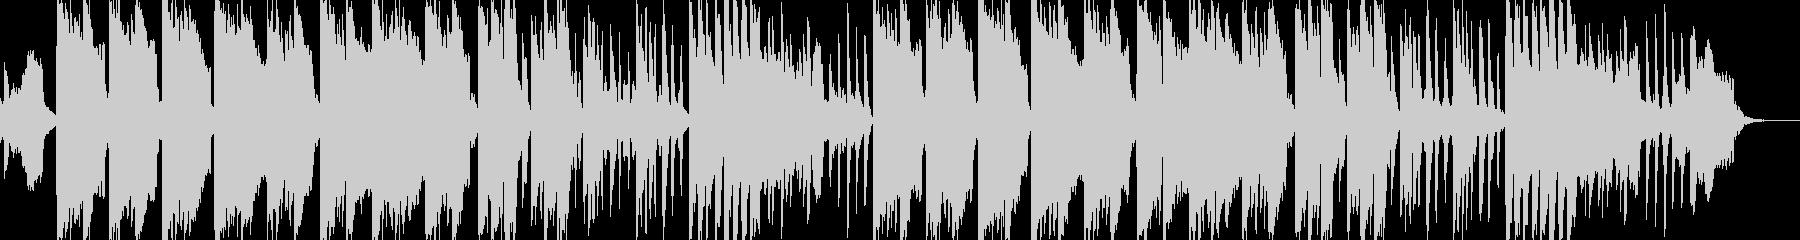 ほのぼの、ゆったりした笛のメロディの未再生の波形